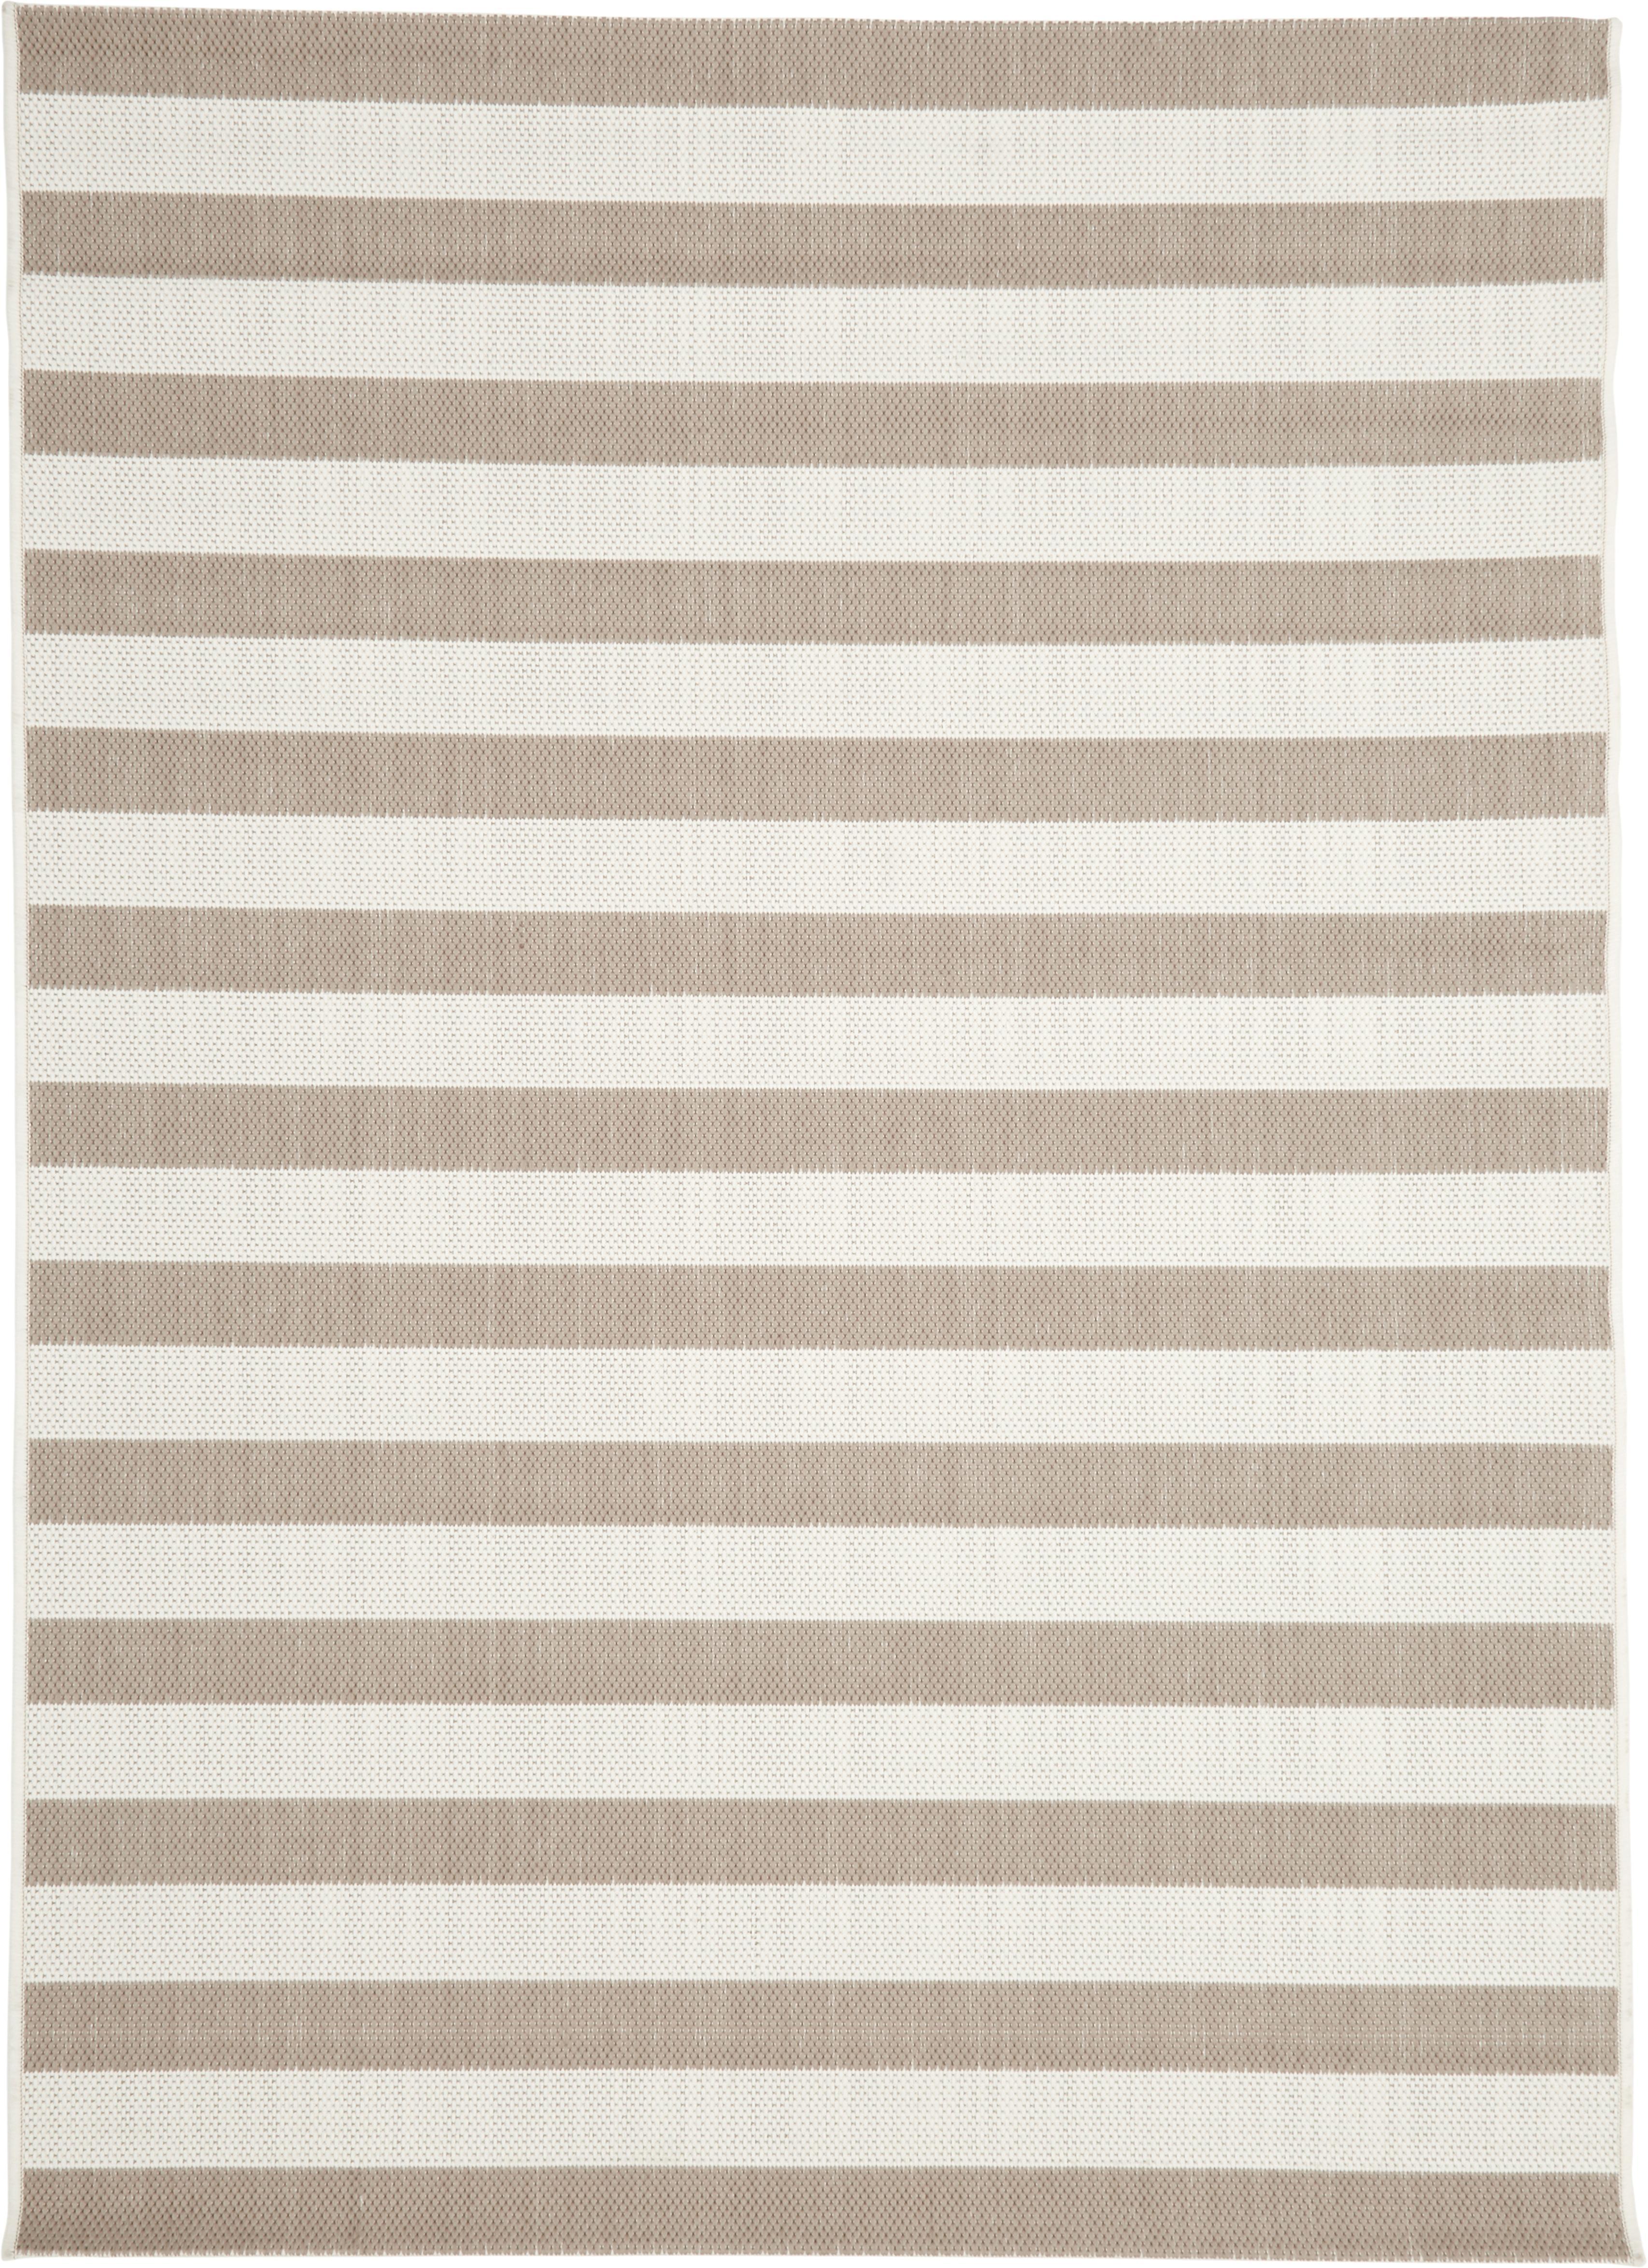 Gestreifter In- & Outdoor-Teppich Axa in Beige/Weiß, Flor: 100% Polypropylen, Cremeweiß, Beige, B 160 x L 230 cm (Größe M)